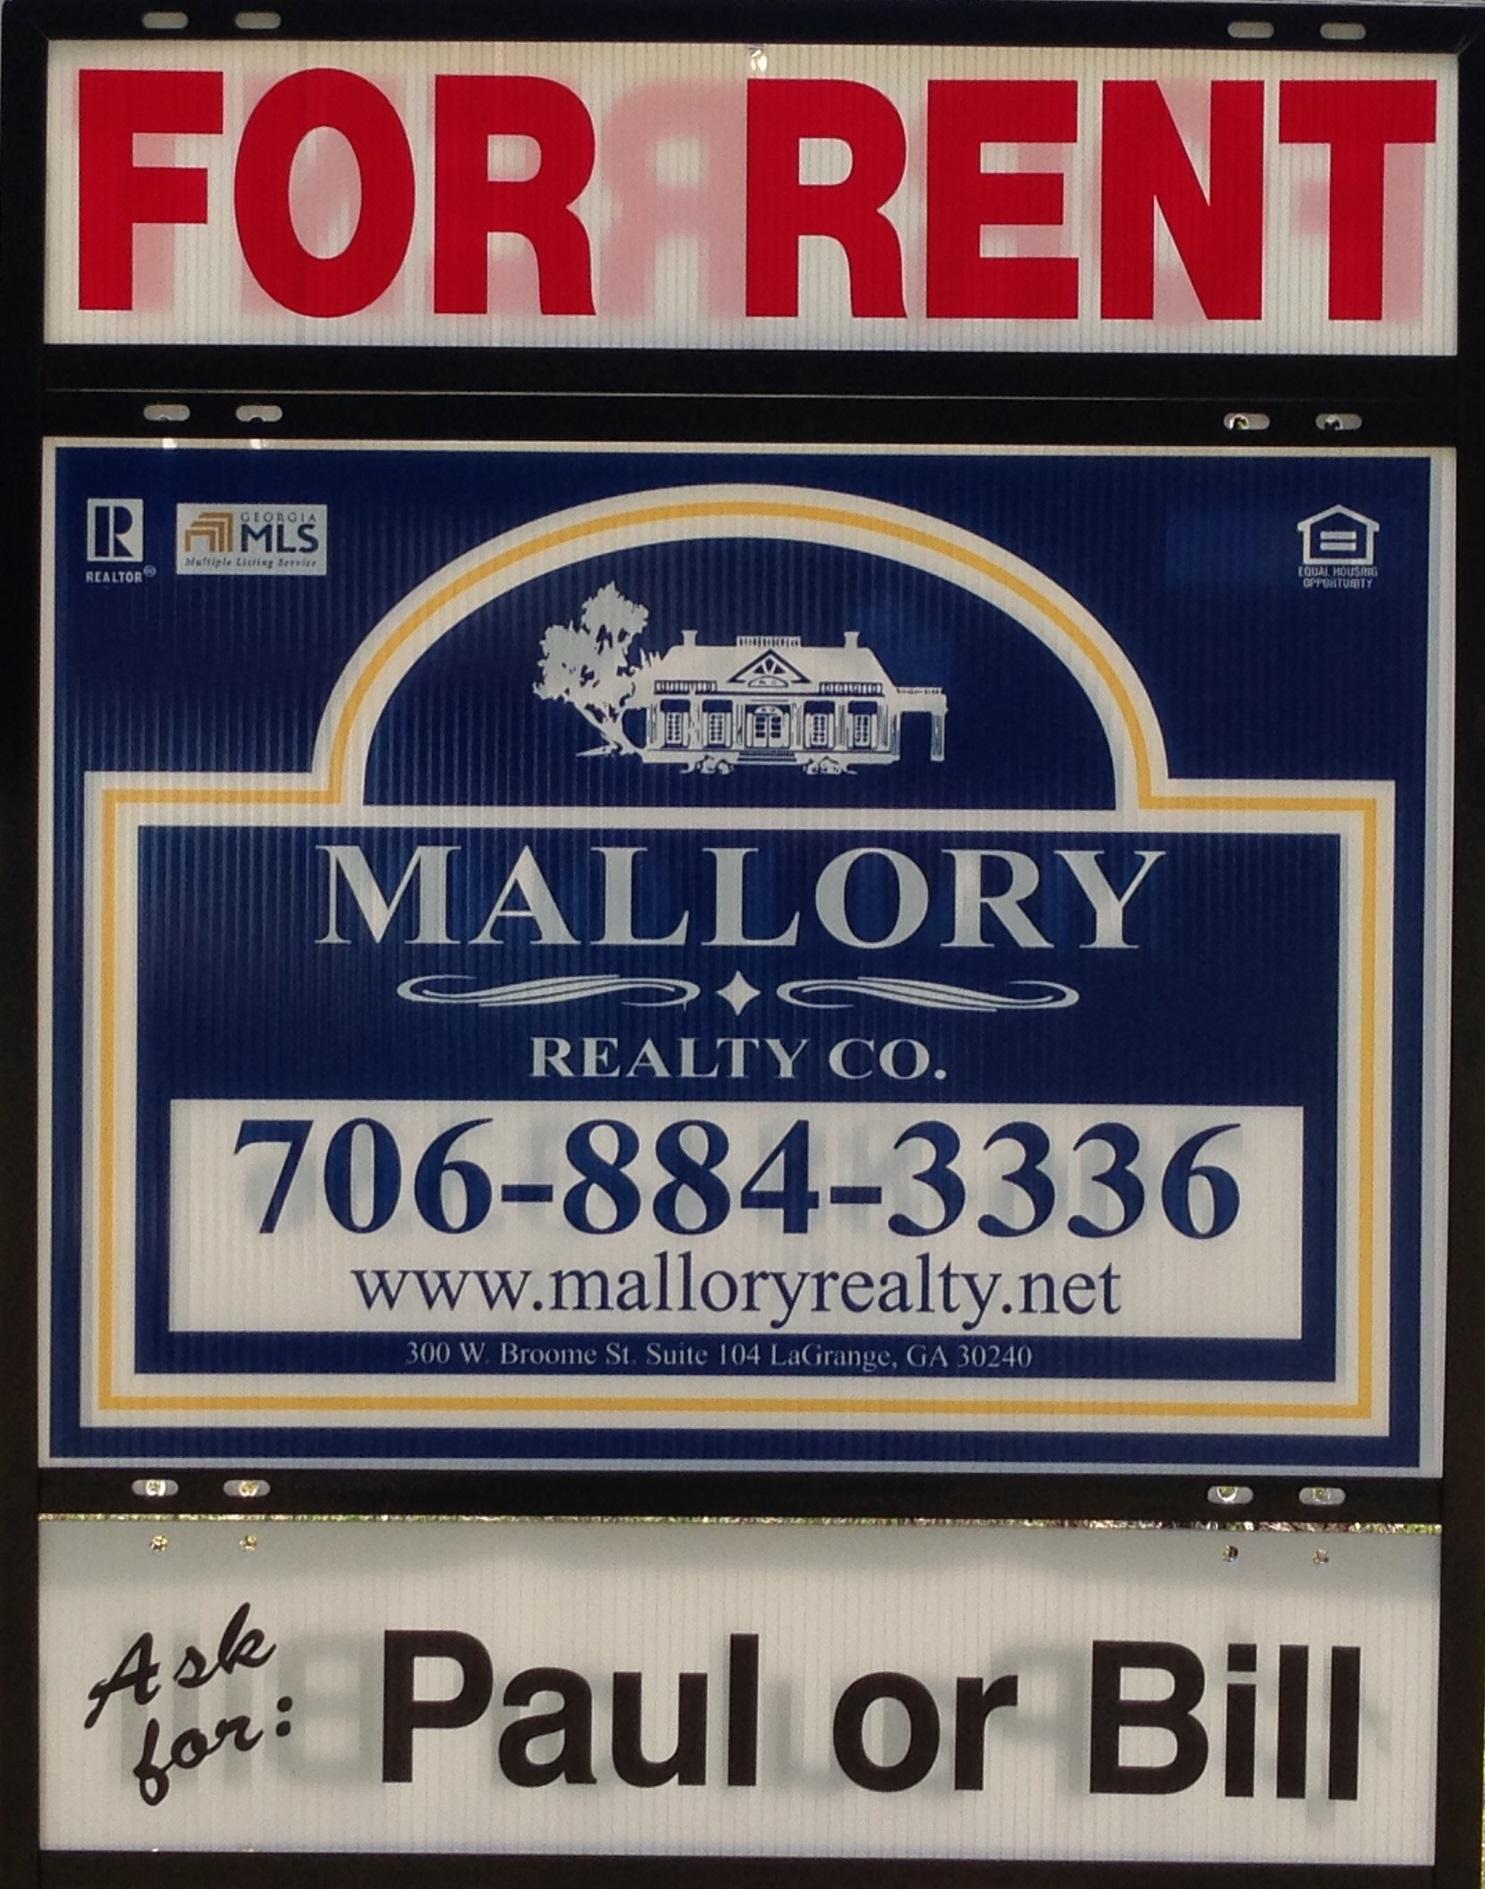 mallory realty company